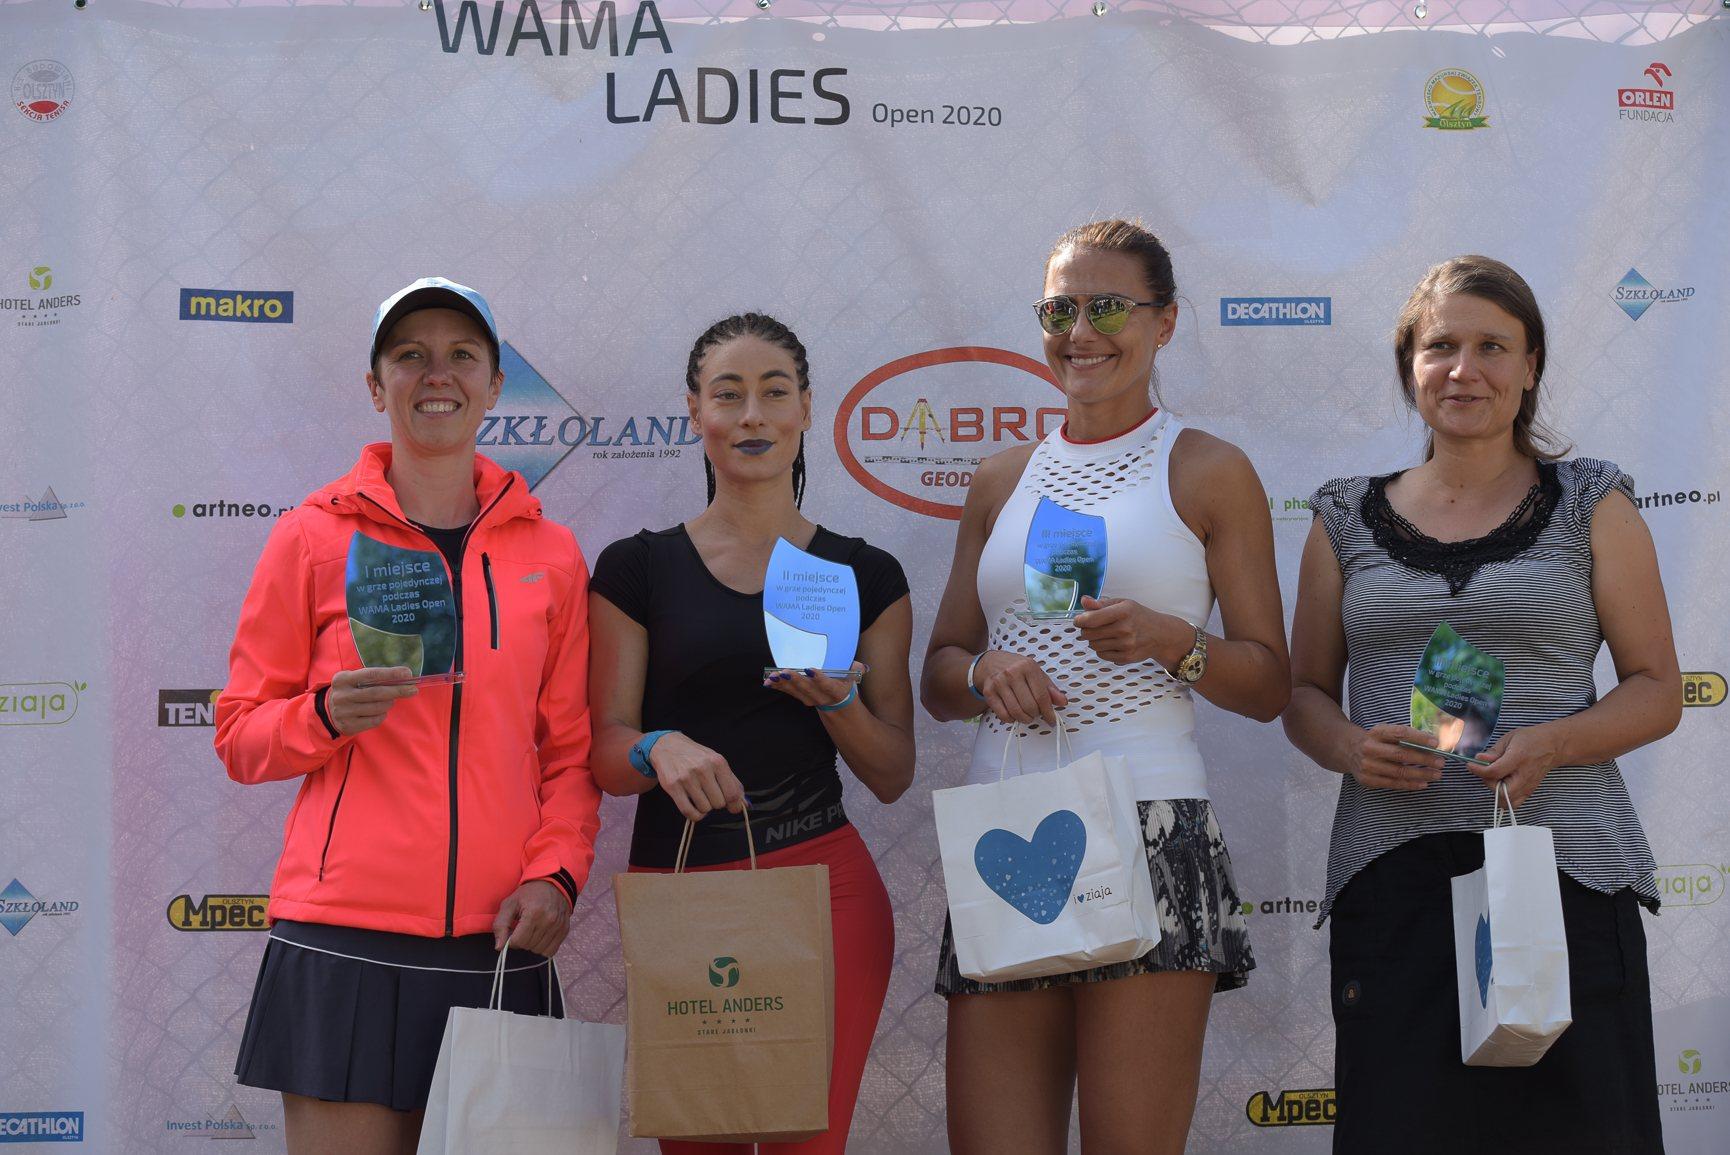 WAMA Ladies Open. Święto tenisa na Warmii i Mazurach